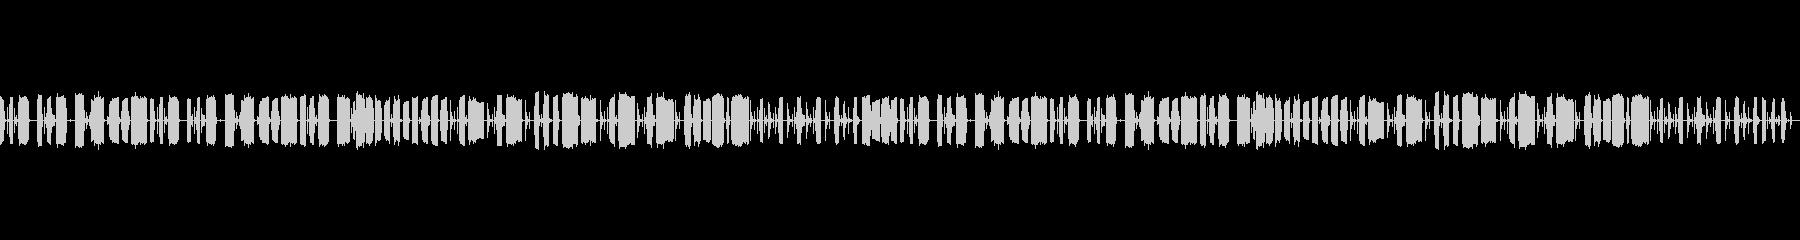 まぬけな笛と民族リズム(Loop対応)の未再生の波形